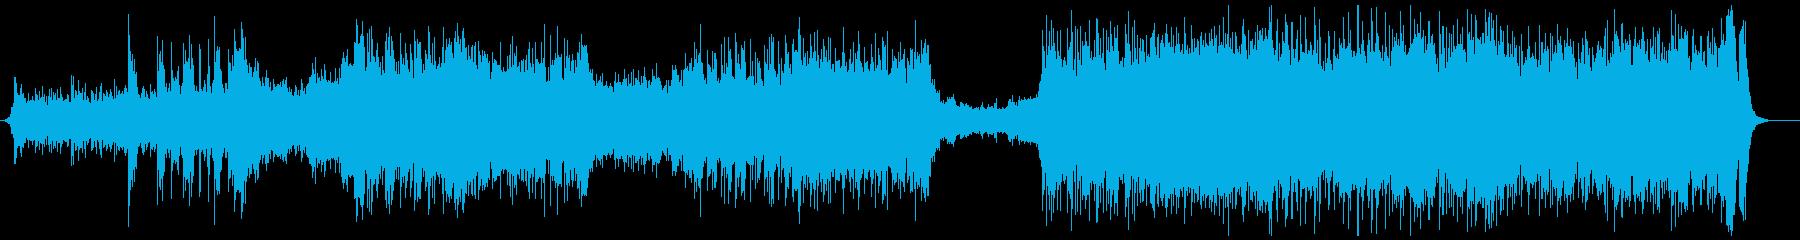 激しいハリウッド映画風トレーラー音楽の再生済みの波形